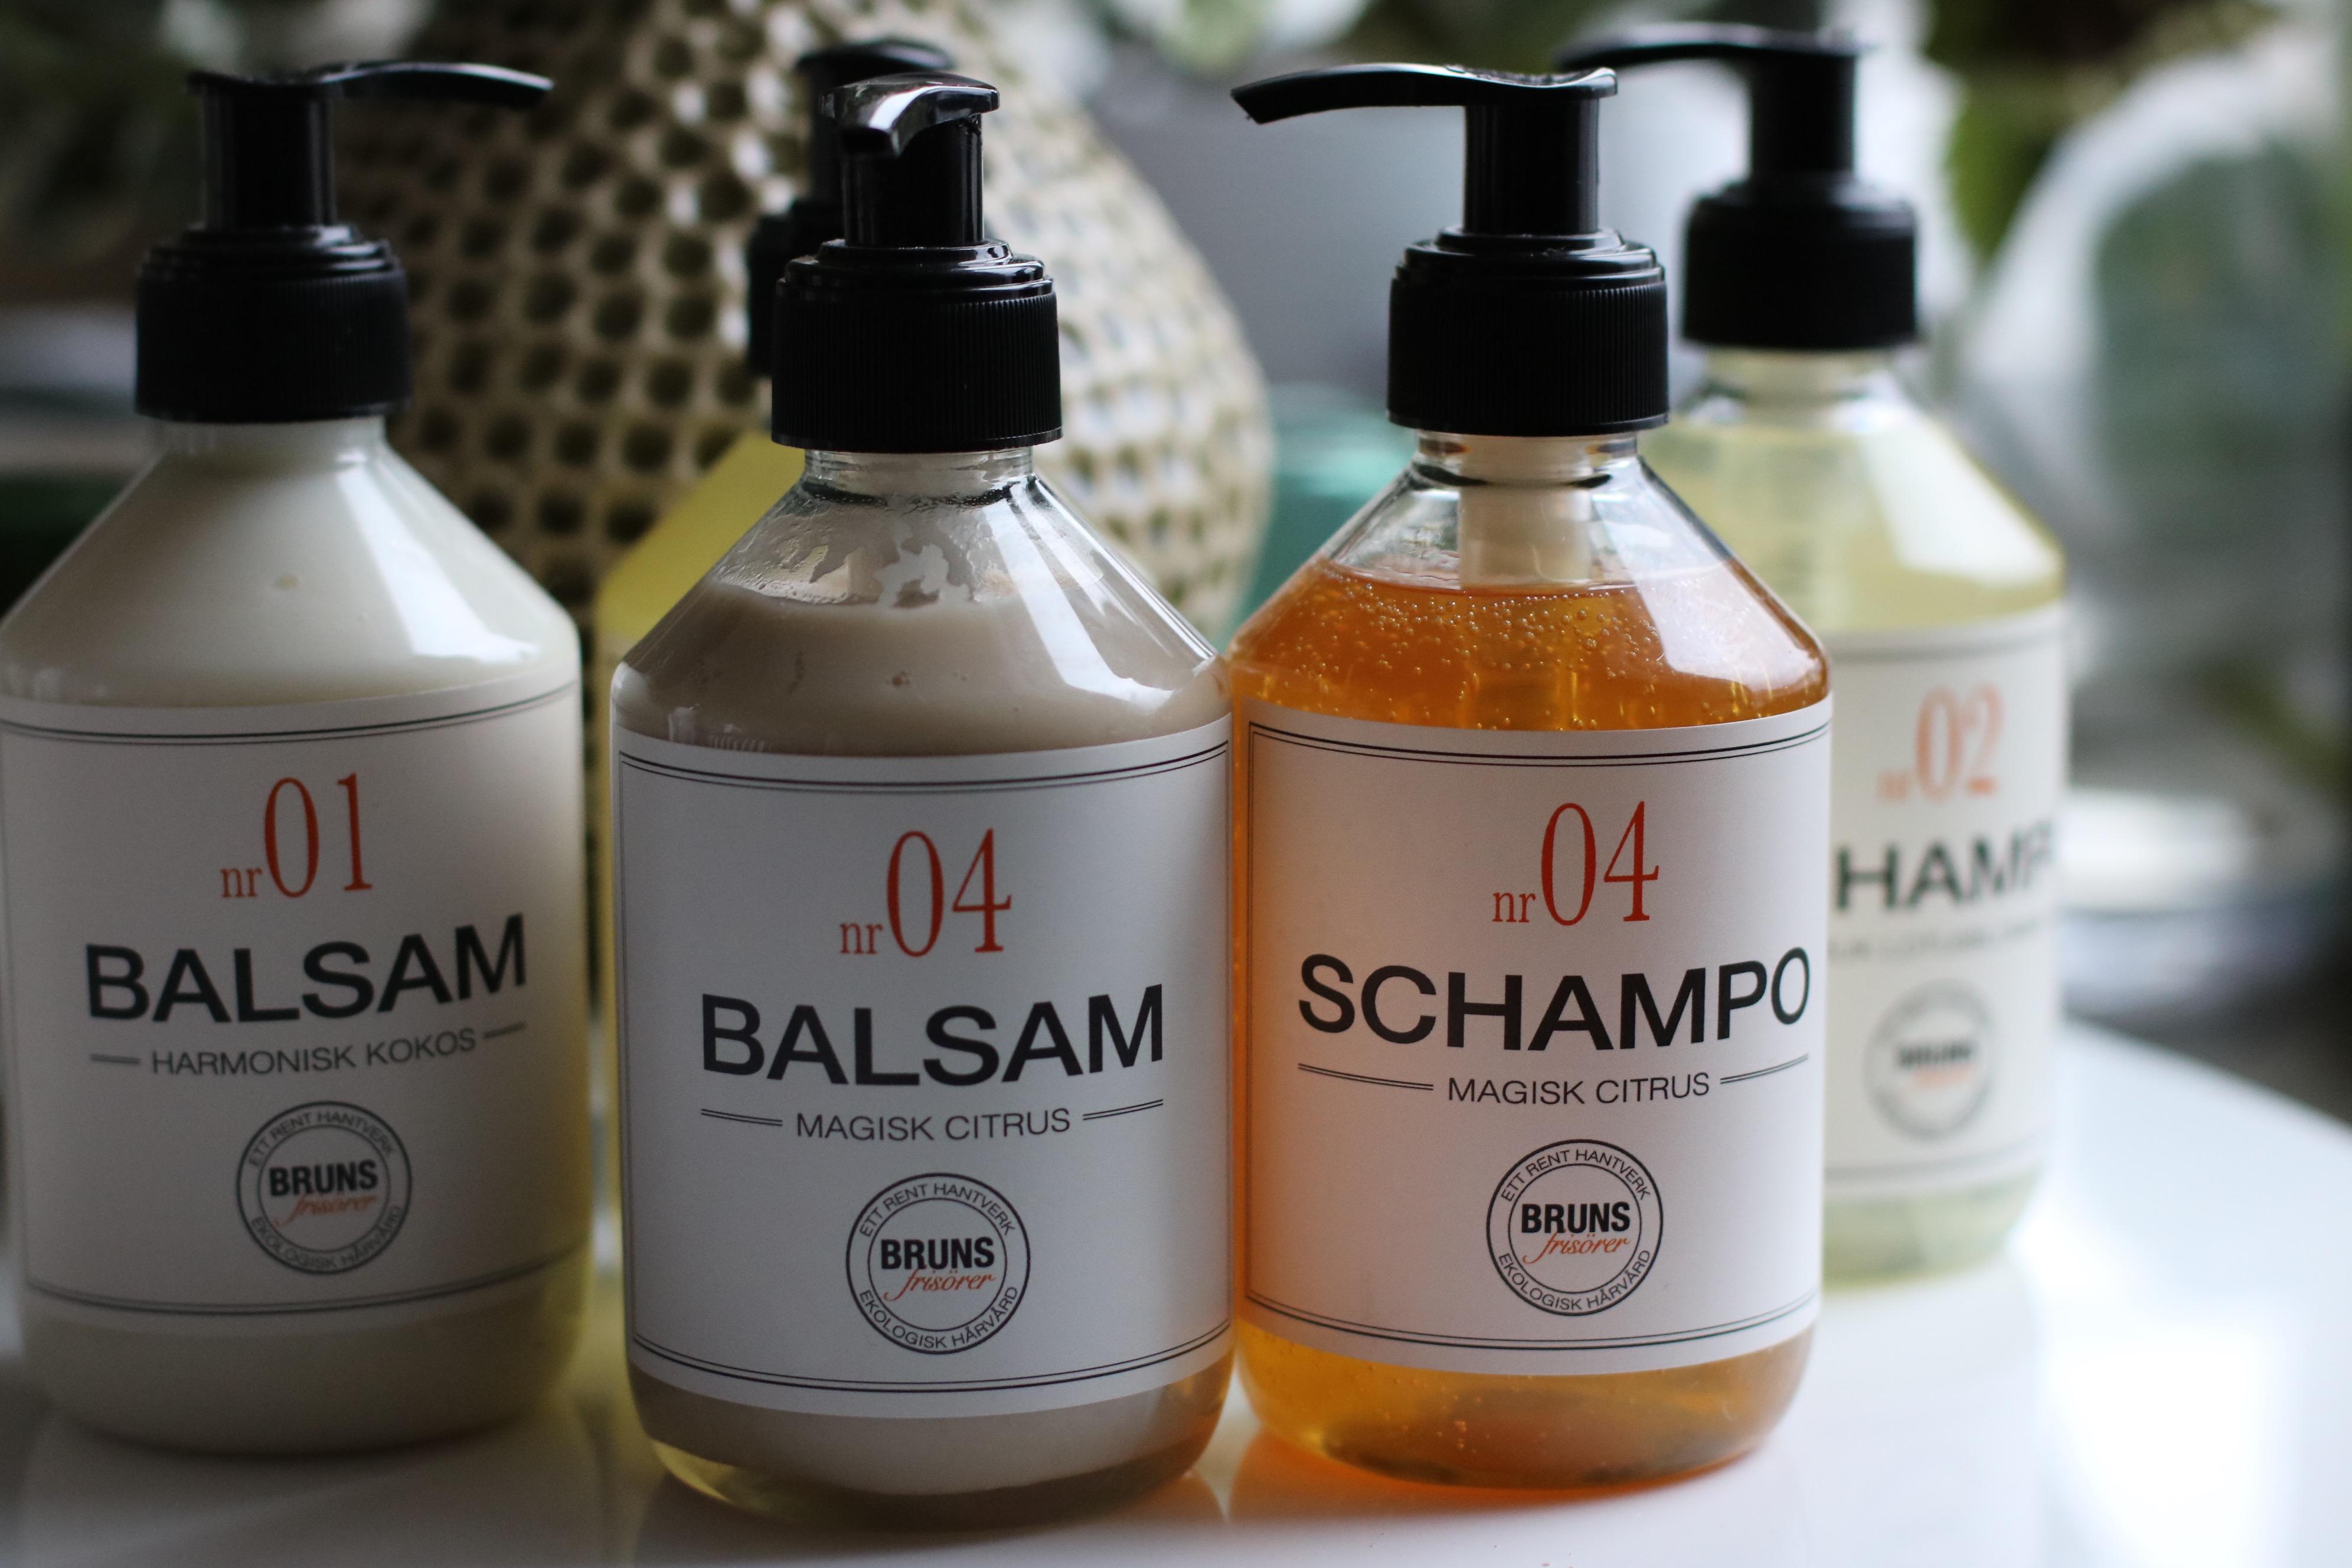 naturligt schampo och balsam